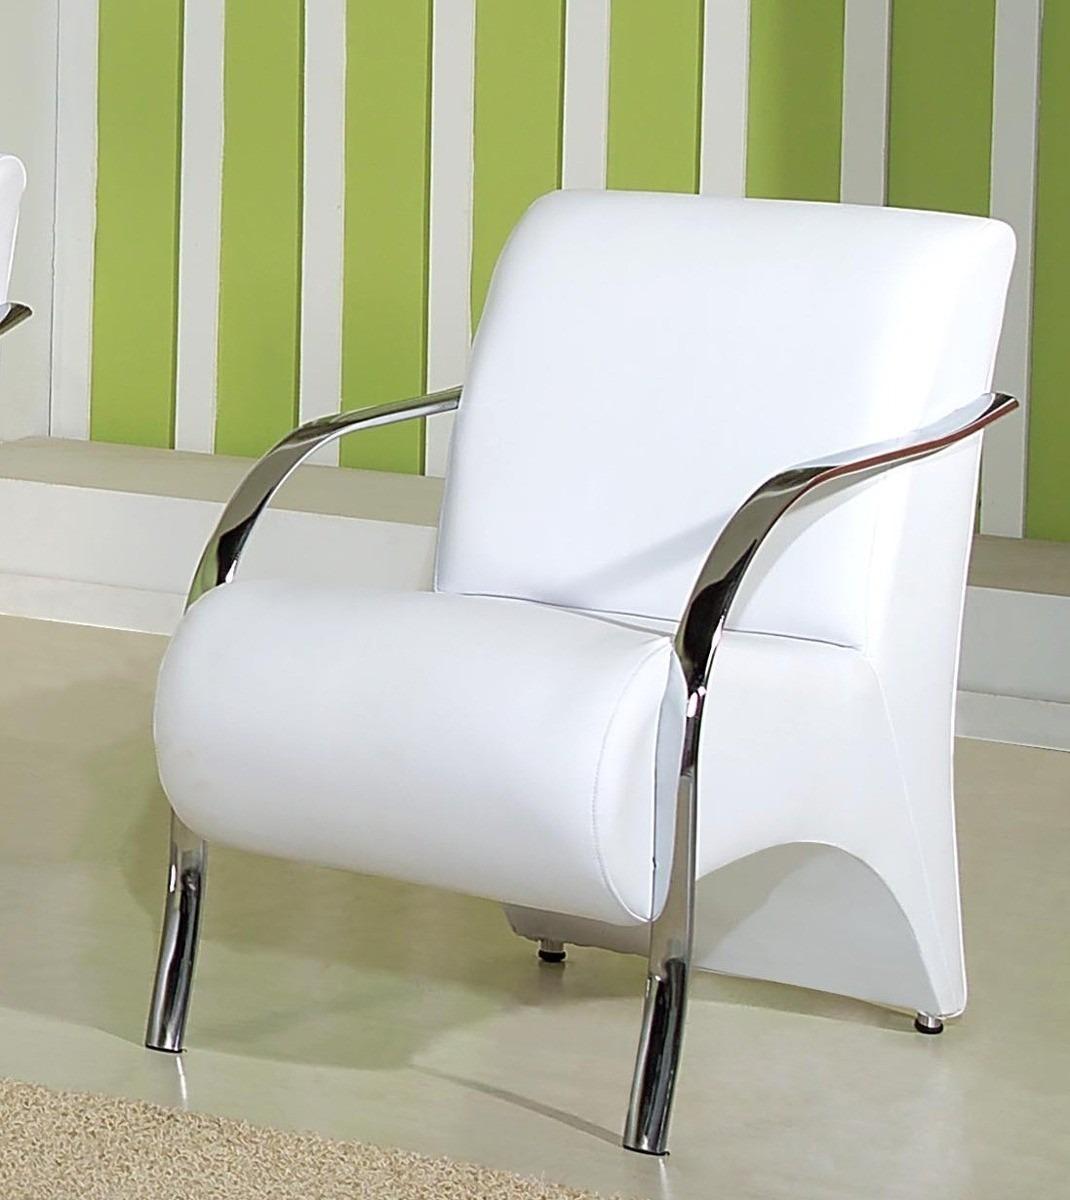 Cadeira Decorativa Braço Em Alumínio Cromado Ou Madeira. R$ 269  #7D8B40 1070x1200